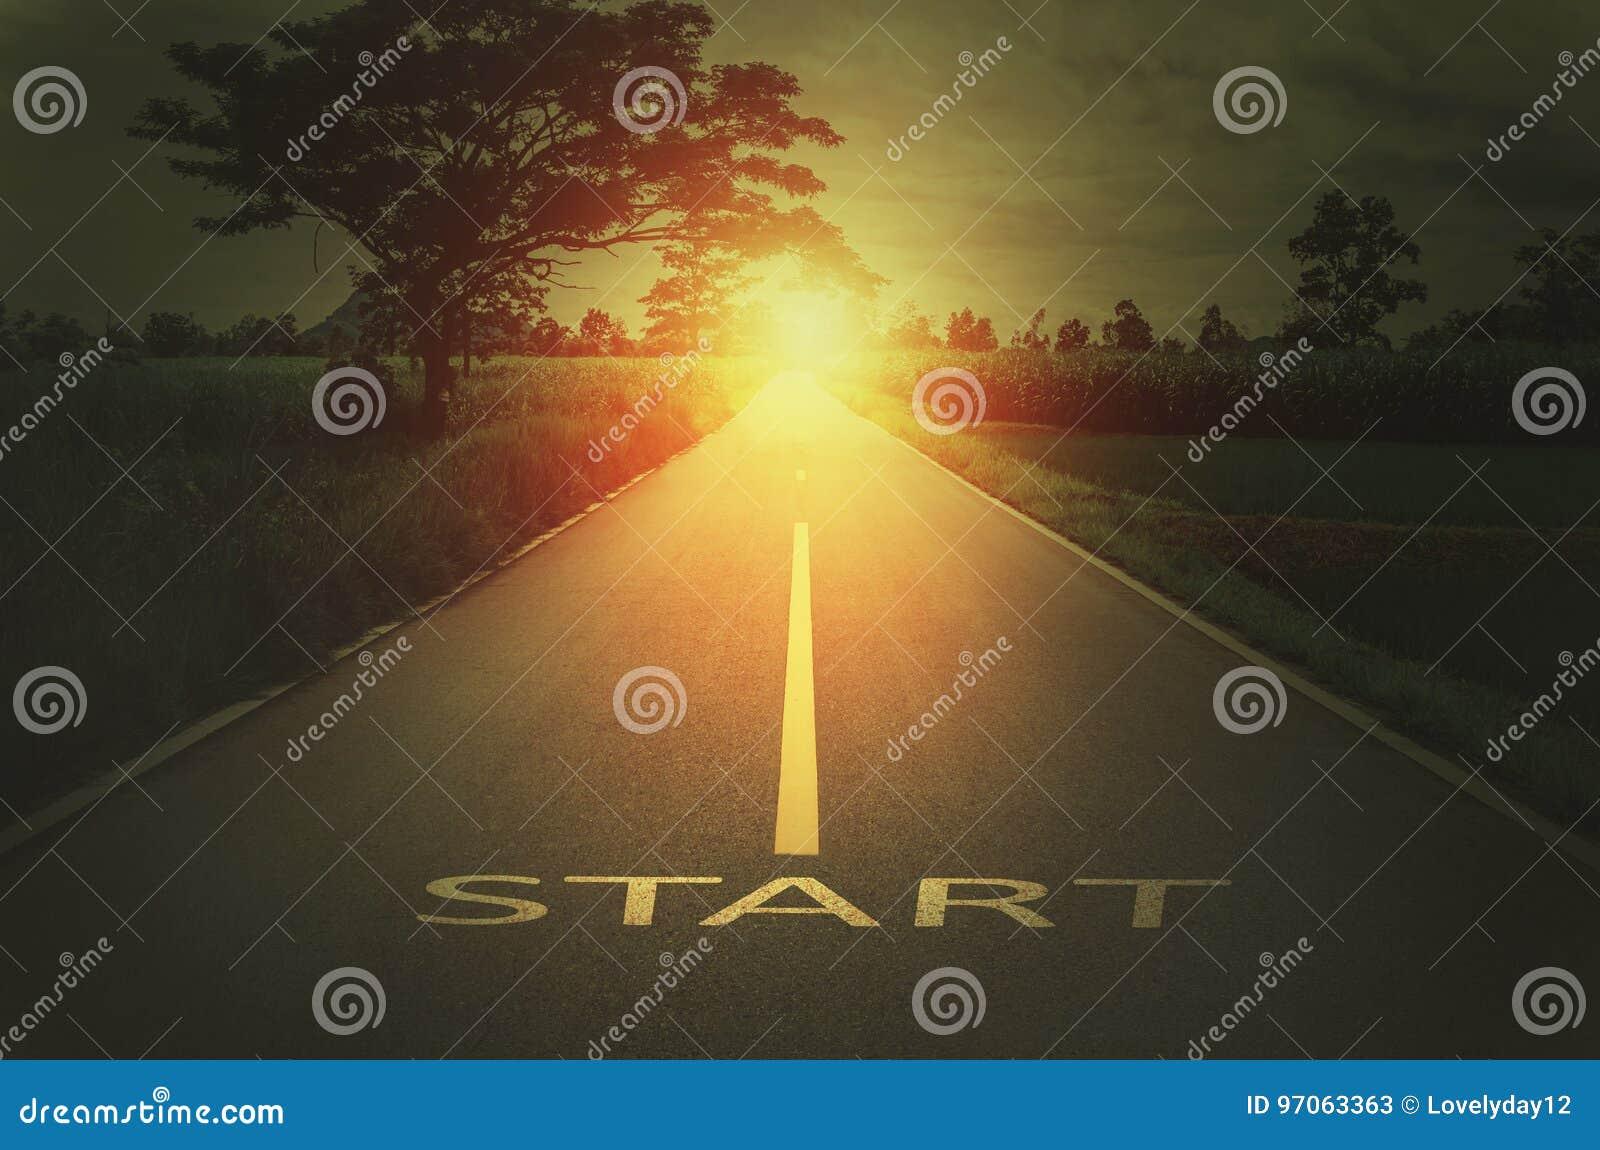 Immagine concettuale con l inizio di parola del testo sulla strada asfaltata